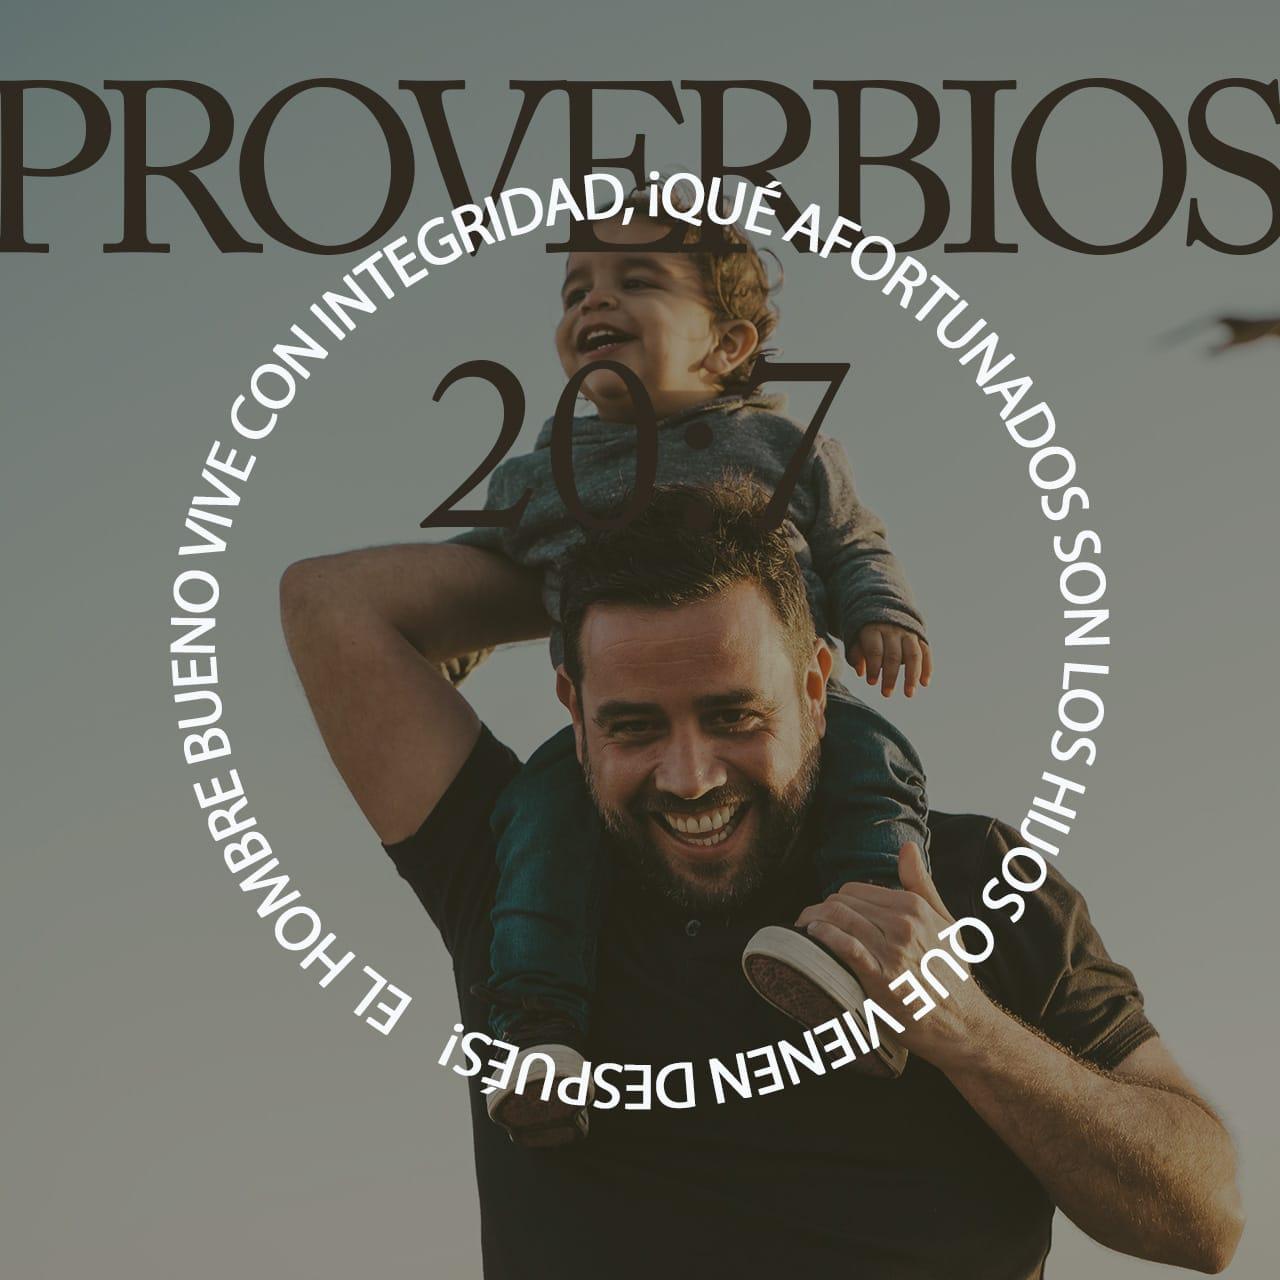 Imagen de Versículo Proverbios 20:7